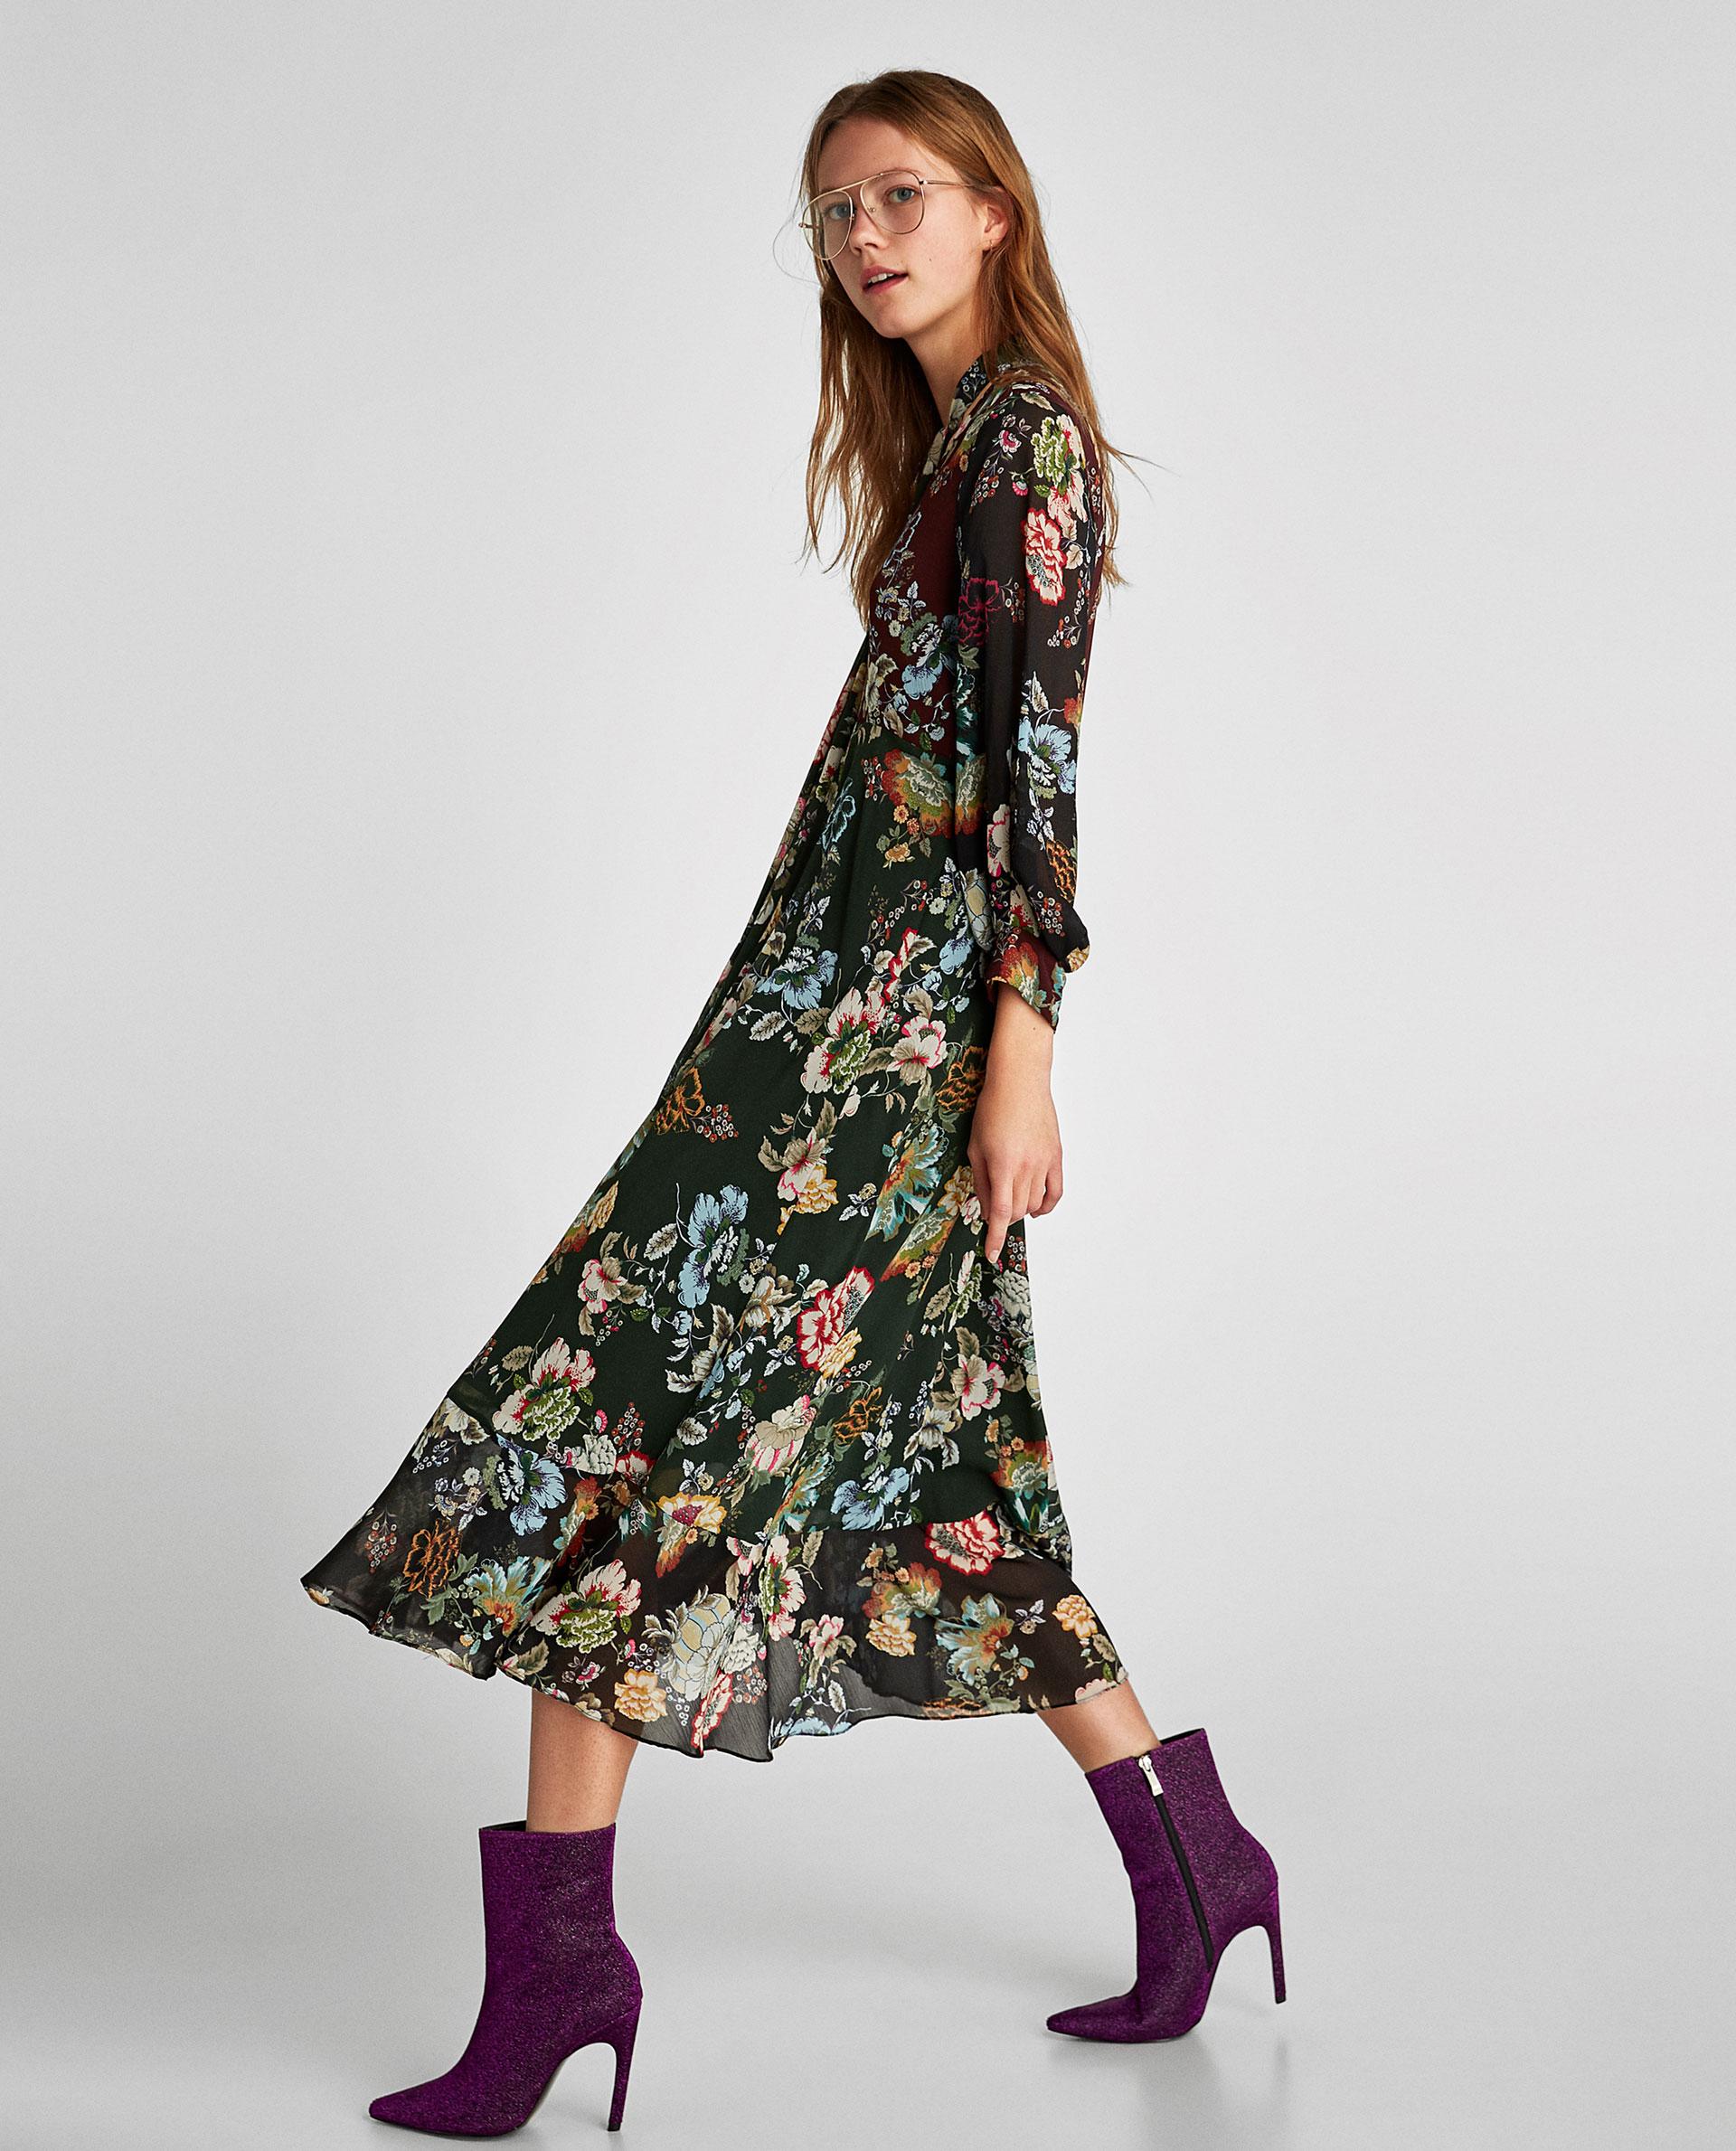 919c286c5e0665 Модні сукні з квітковим принтом - на весну і літо, актуальні тренди